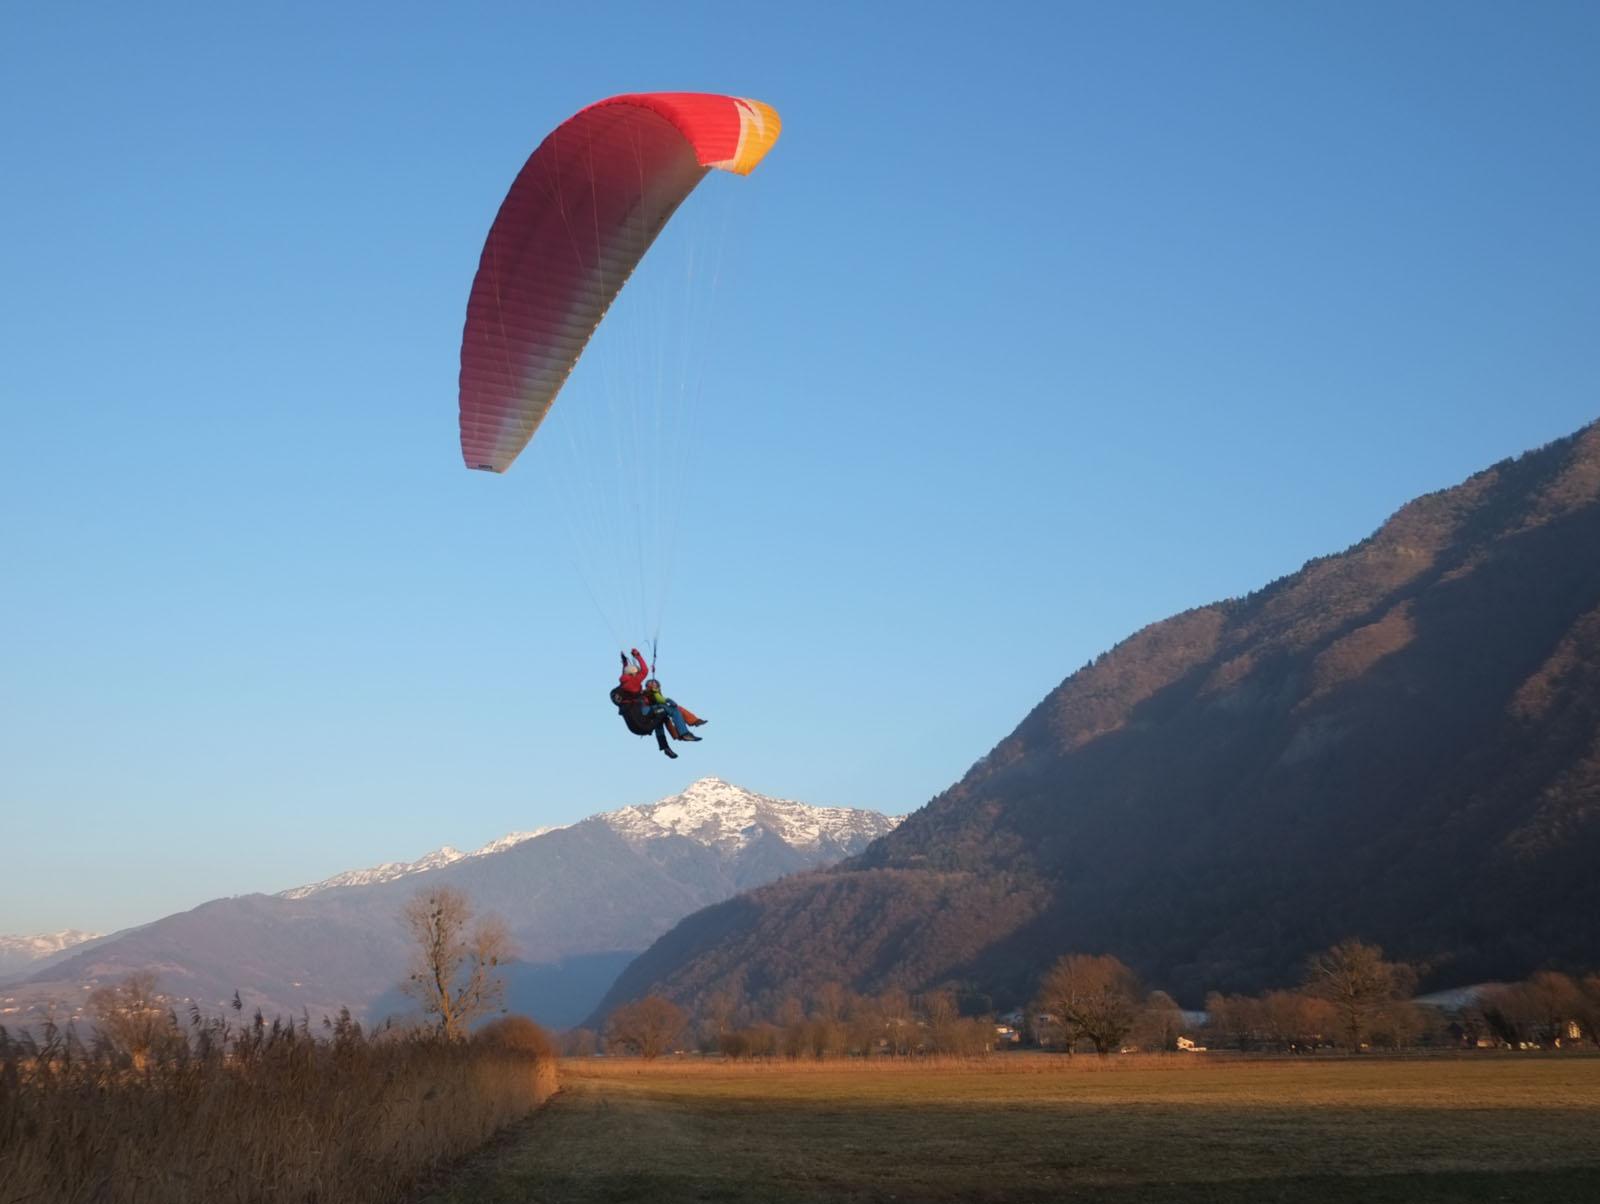 Atterrissage de parapente à Chamoux-sur-Gelon, Cœur de Savoie, près d'une location de vacances dans les Alpes